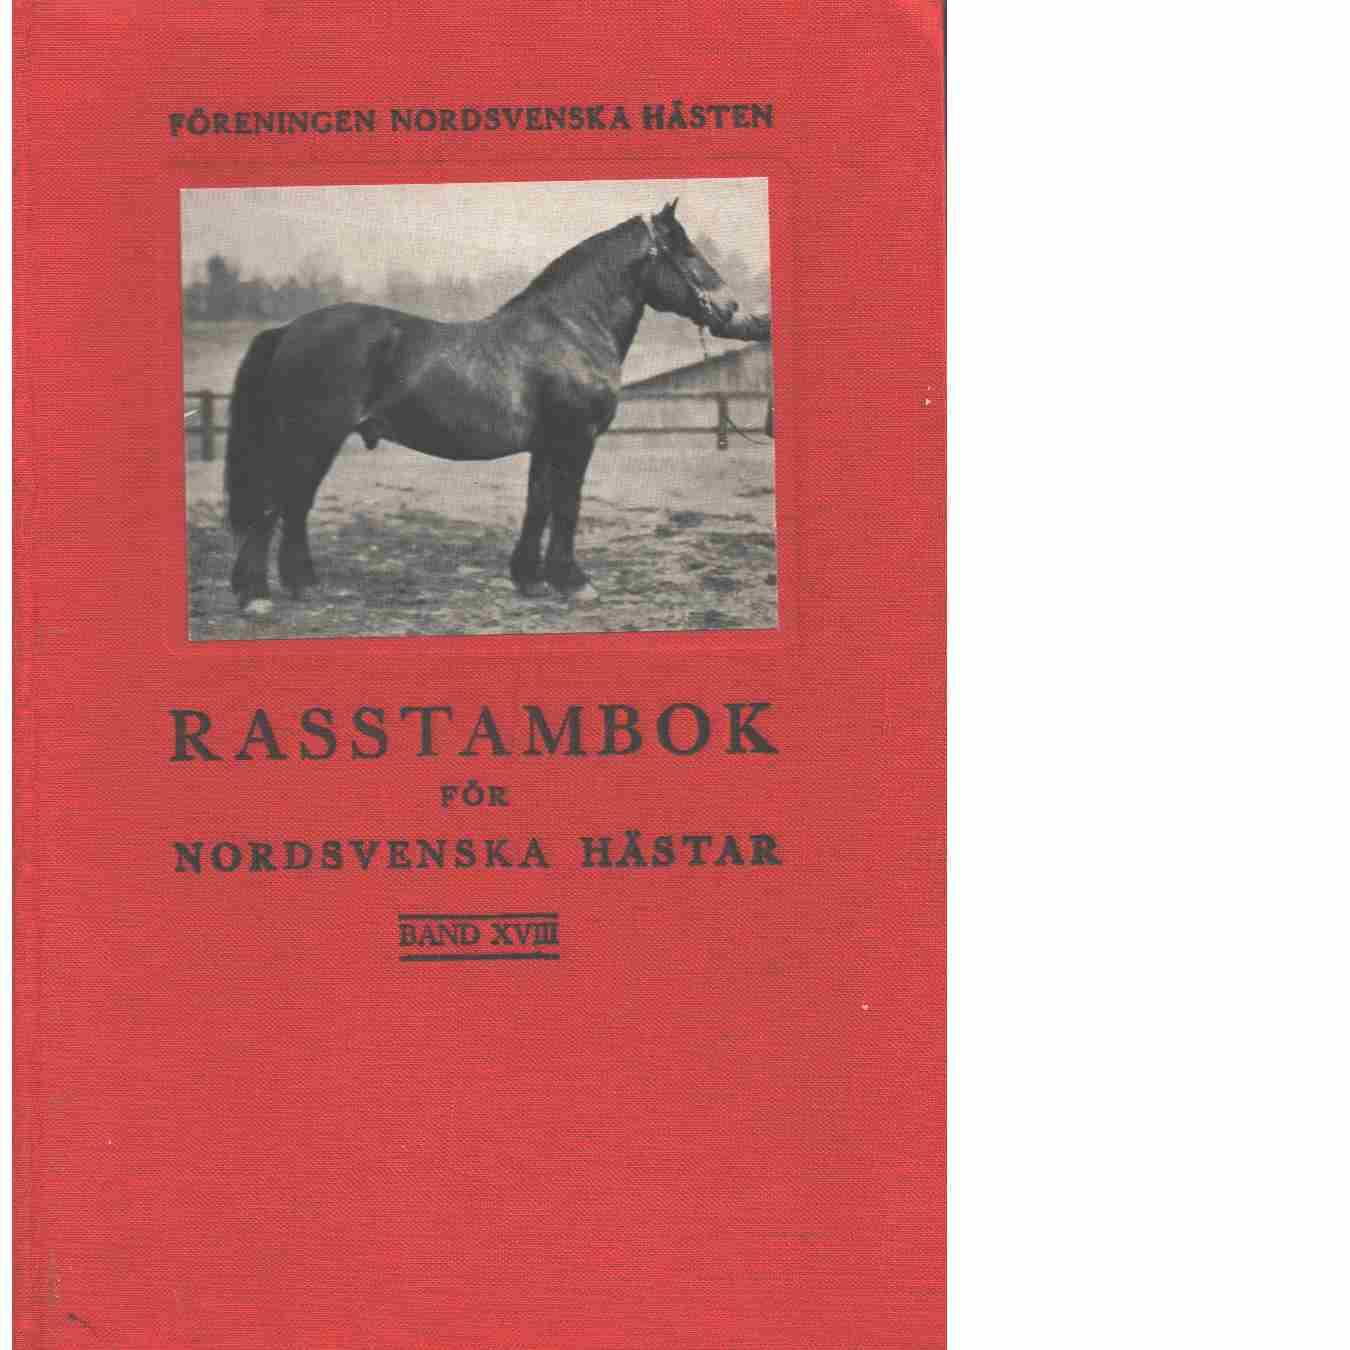 Rasstambok för nordsvenska hästar.  Band XVIII - Red. Föreningen Nordsvenska hästen